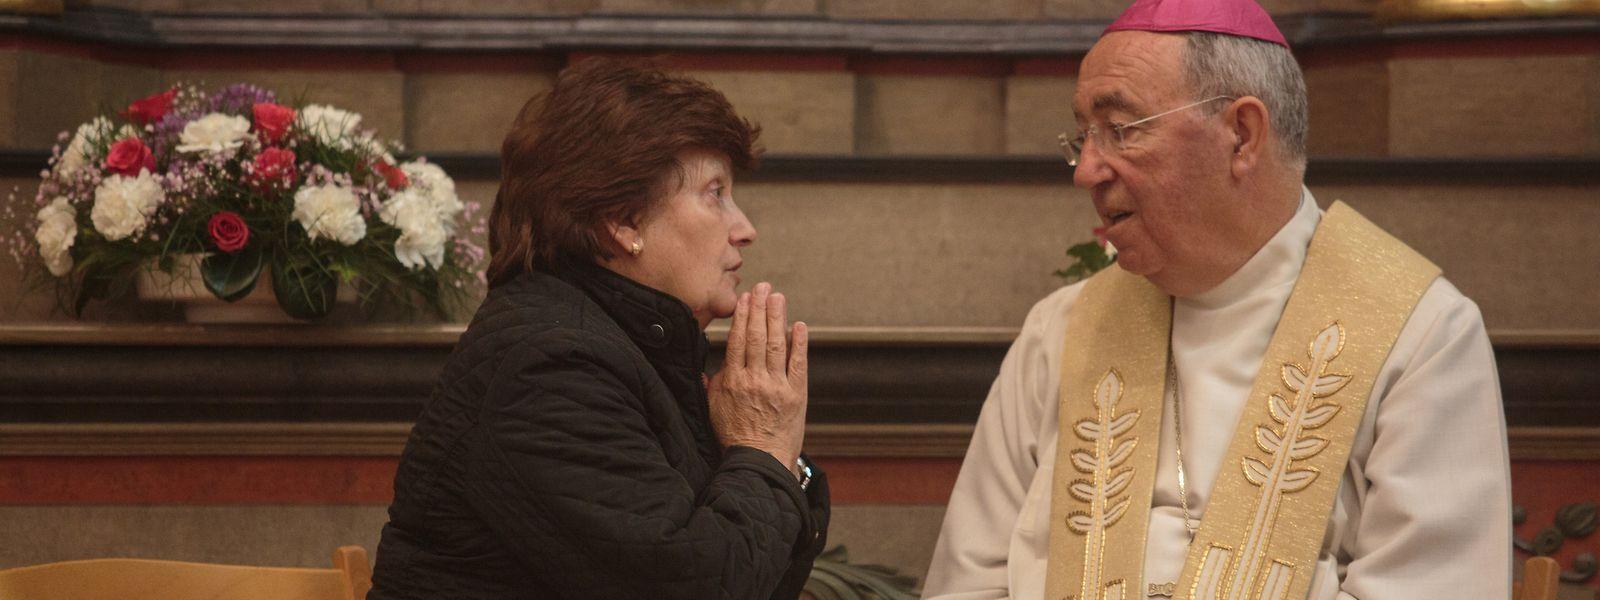 Dom Jorge Ortiga escuta uma fiel durante uma confissão, na igreja de Niederwiltz.